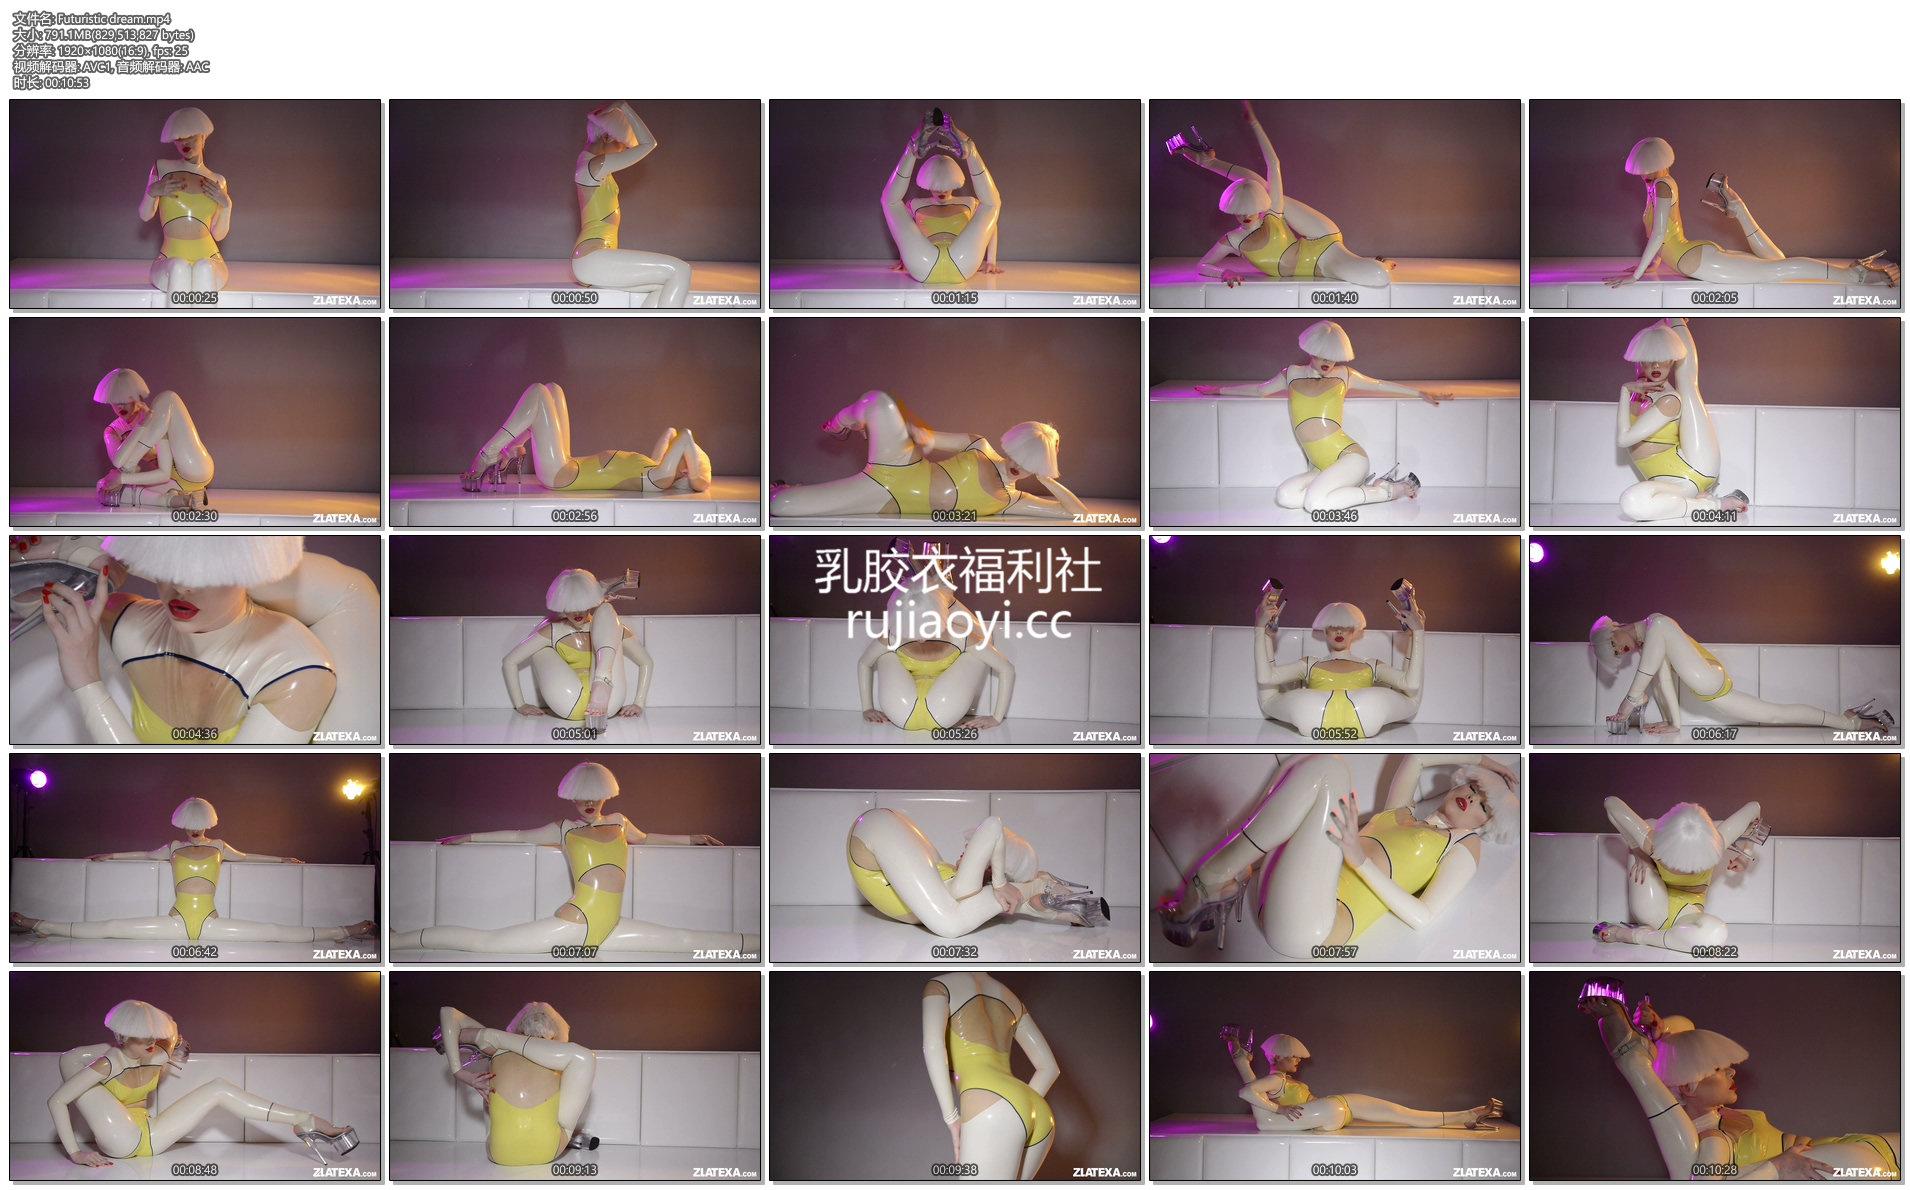 [永V专享-独家精品乳胶衣视频] 乳胶衣美女身体极度柔软做出不同体位-1080p高清视频 [1V/791M]